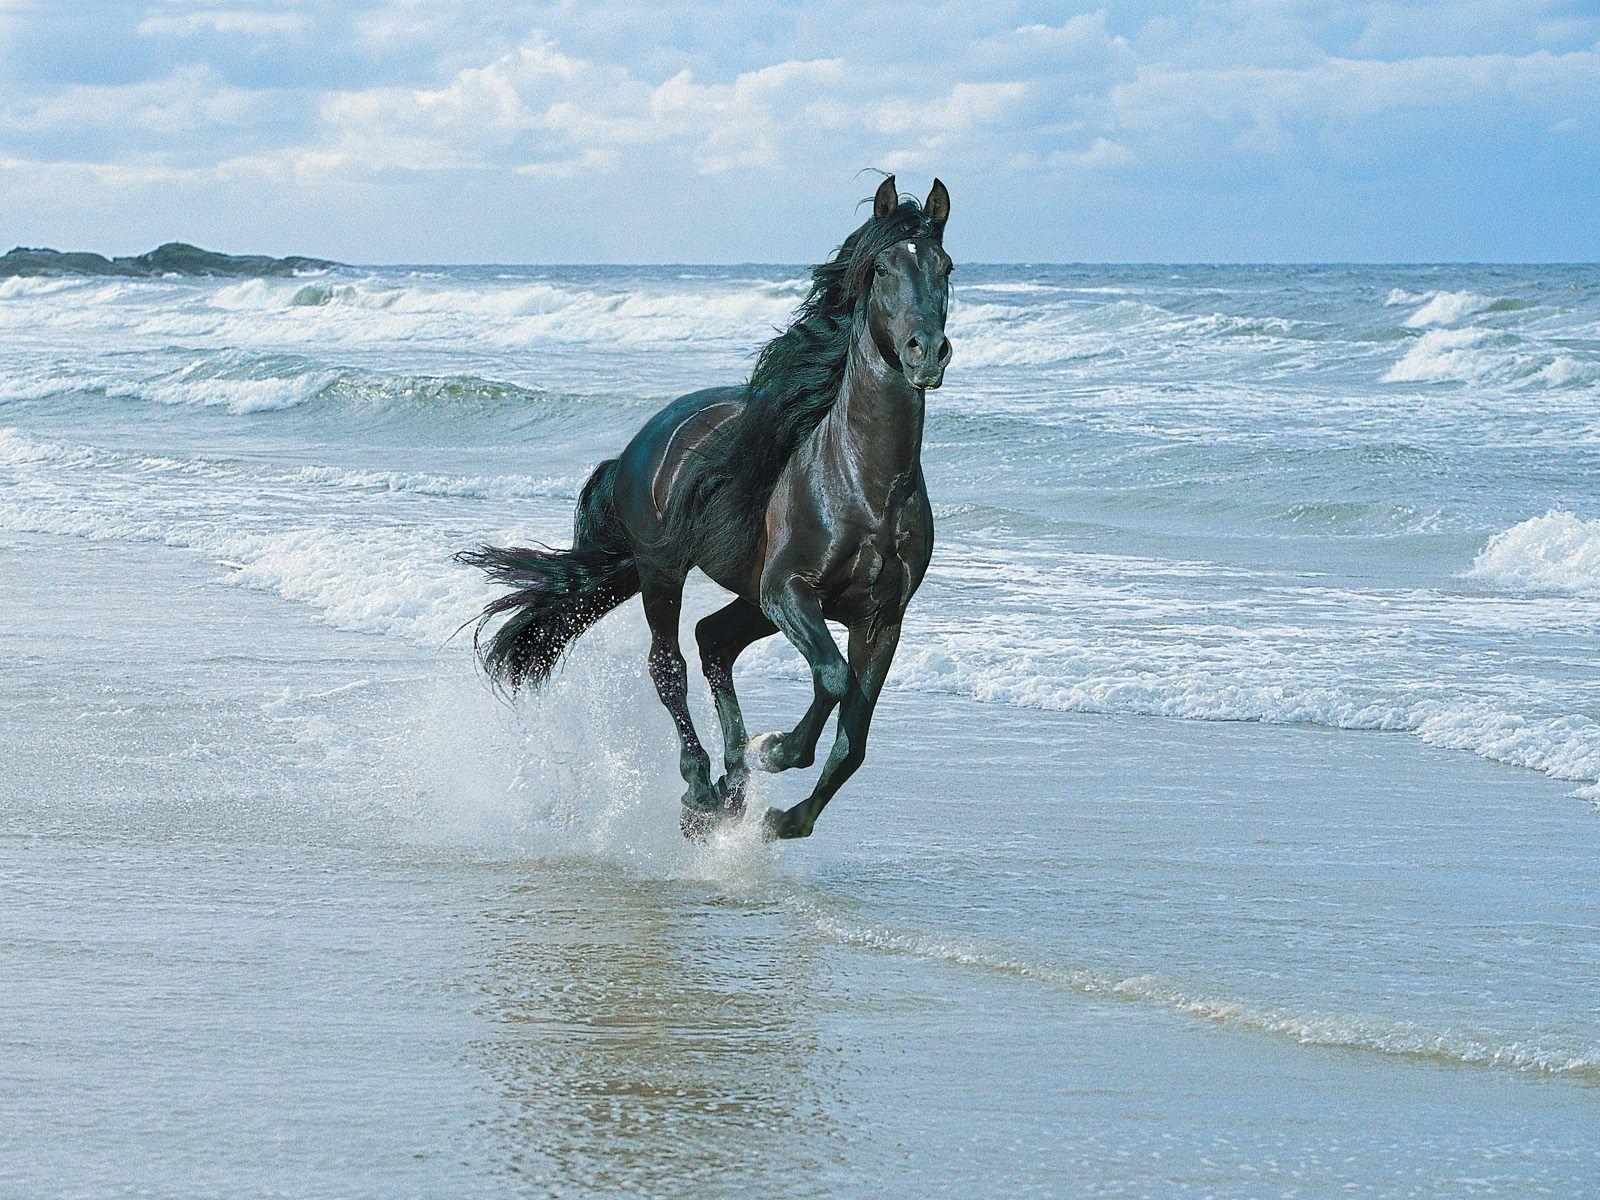 Great Wallpaper Horse Beach - d0b11c752b3a77d89727040ab14dfd0e  Pictures_135785.jpg